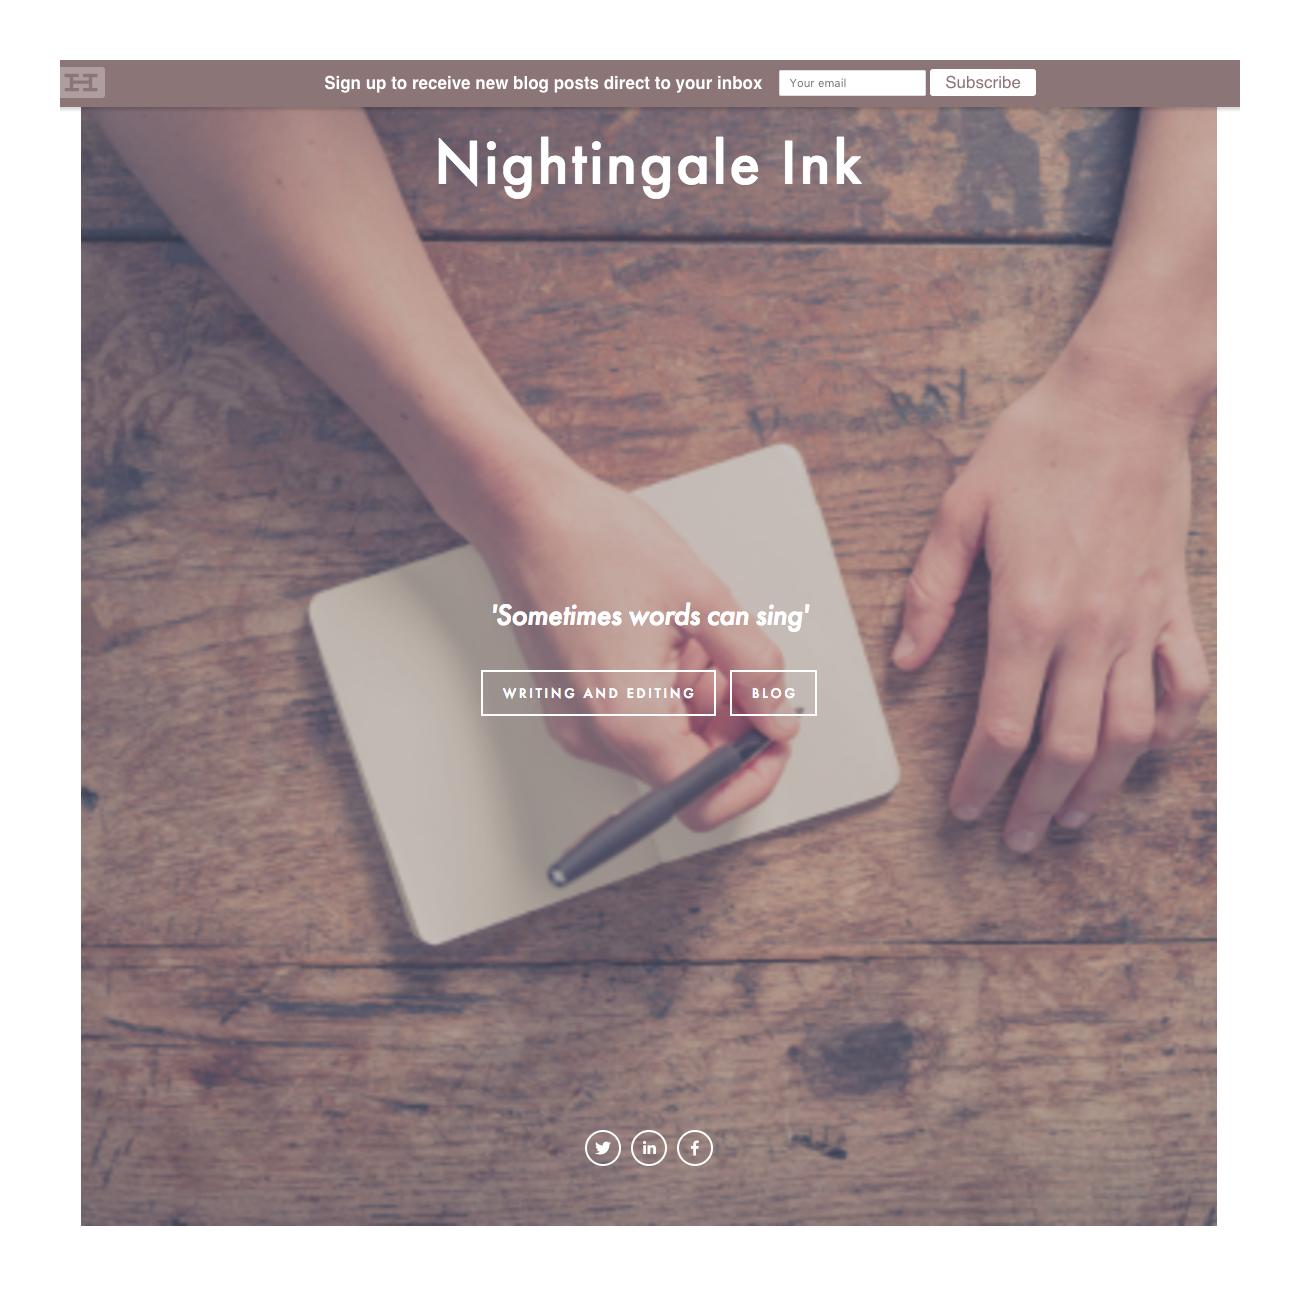 nightingale.ink.png